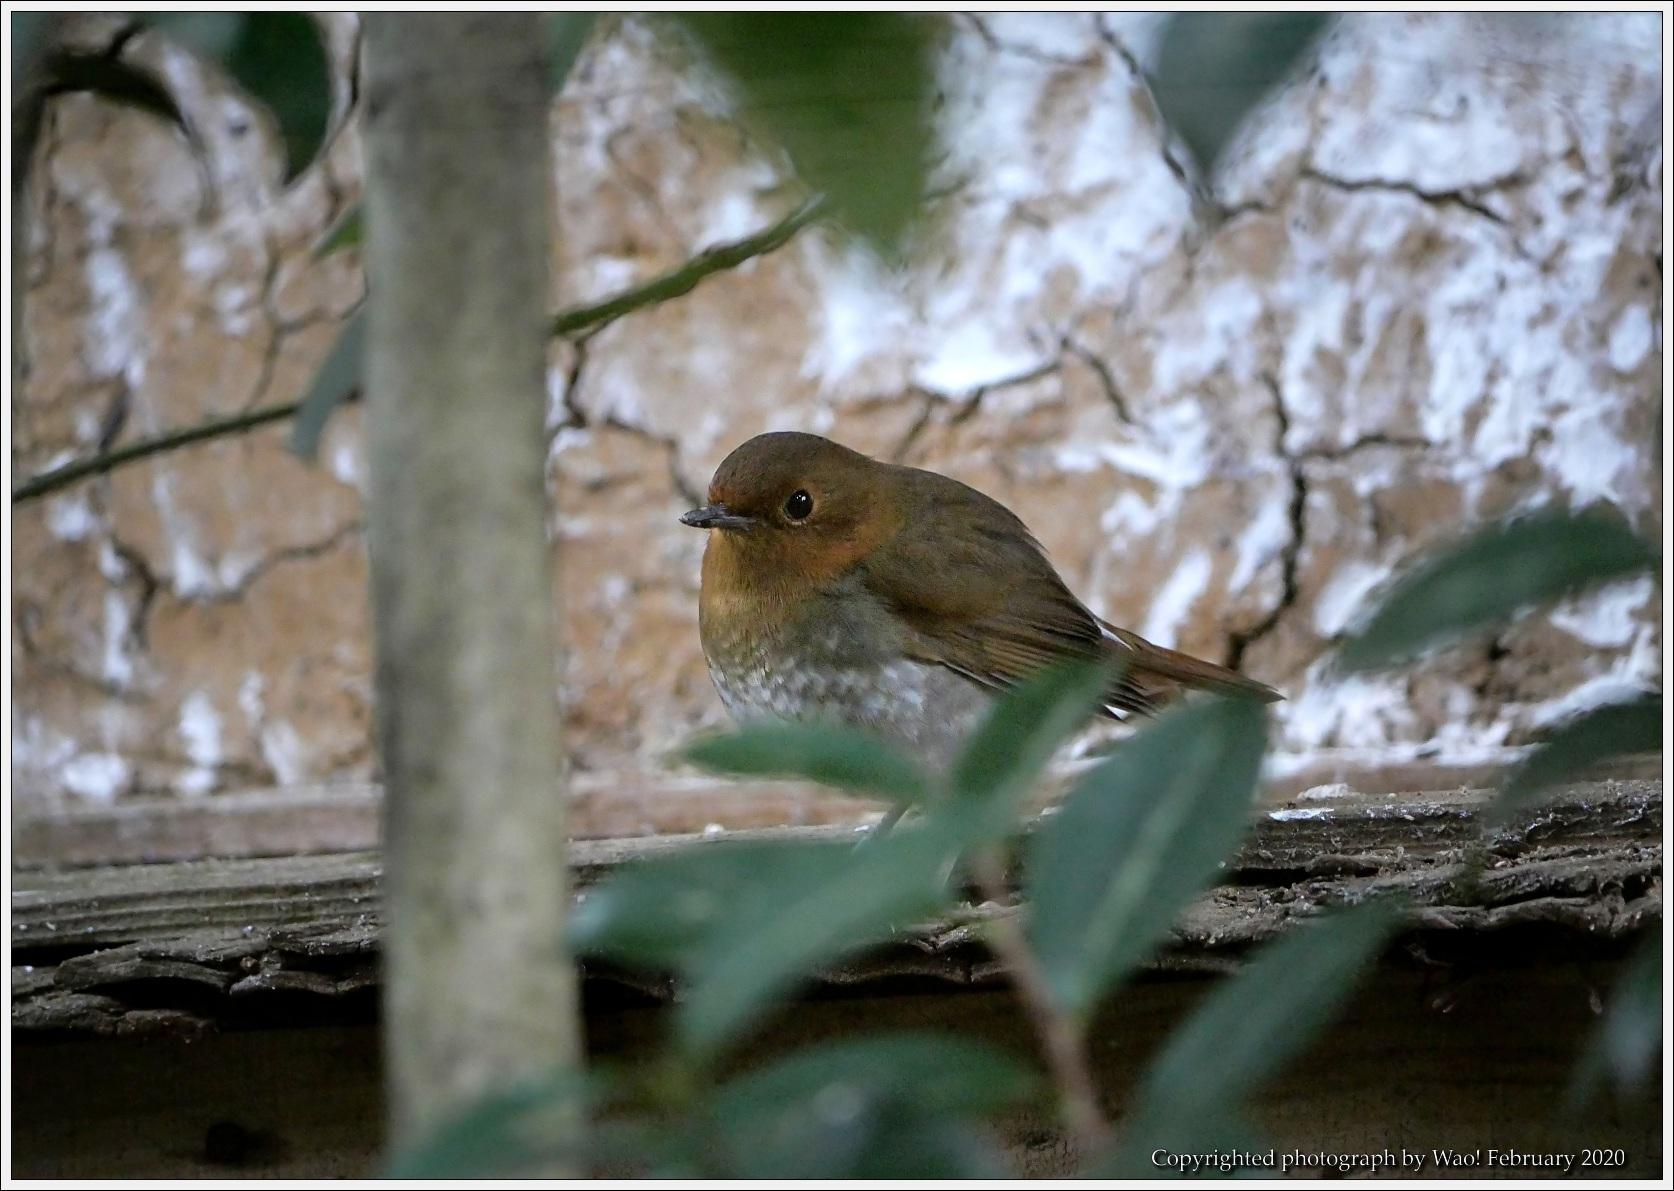 野鳥園のルリ・コマ・キビタキ_c0198669_14135668.jpg